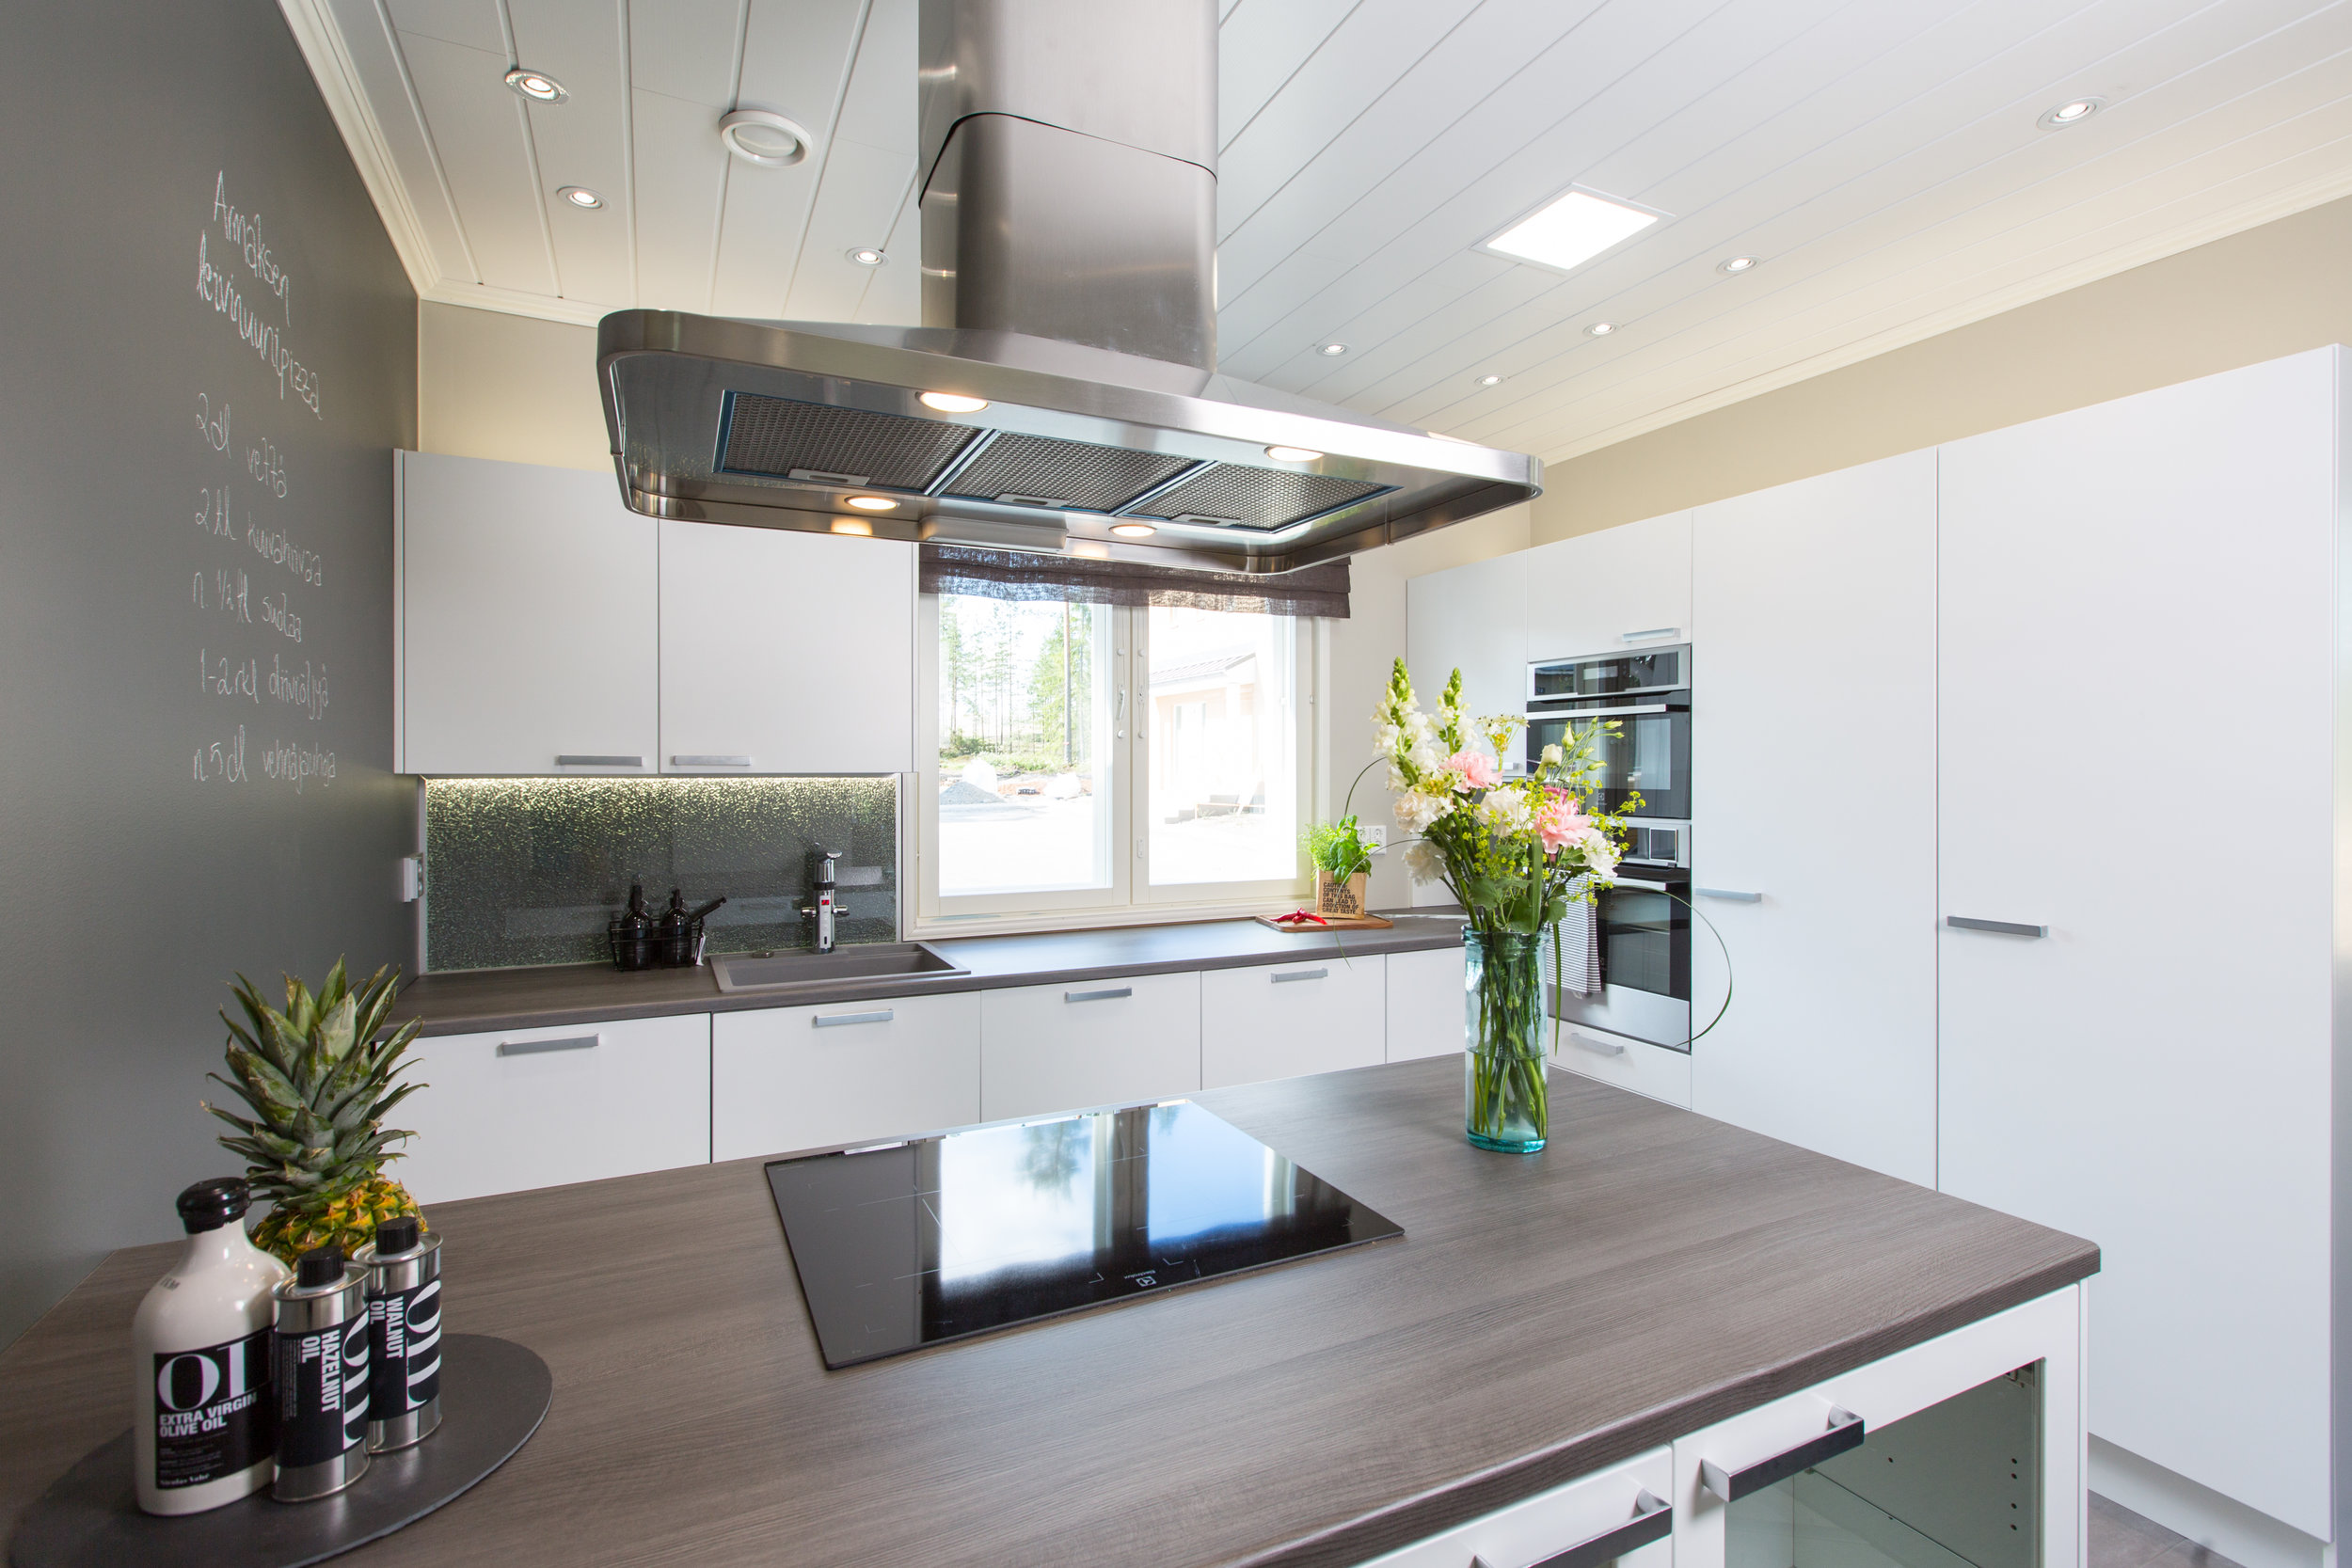 LED spotit katossa on asennettu oikein, jolloin keittiössä työskenneltäessä ei synny ikäviä varjoja eikä valot häikäise. Tärkeää on myös, että valot tuottavat valoa sinne missä sitä tarvitaan.